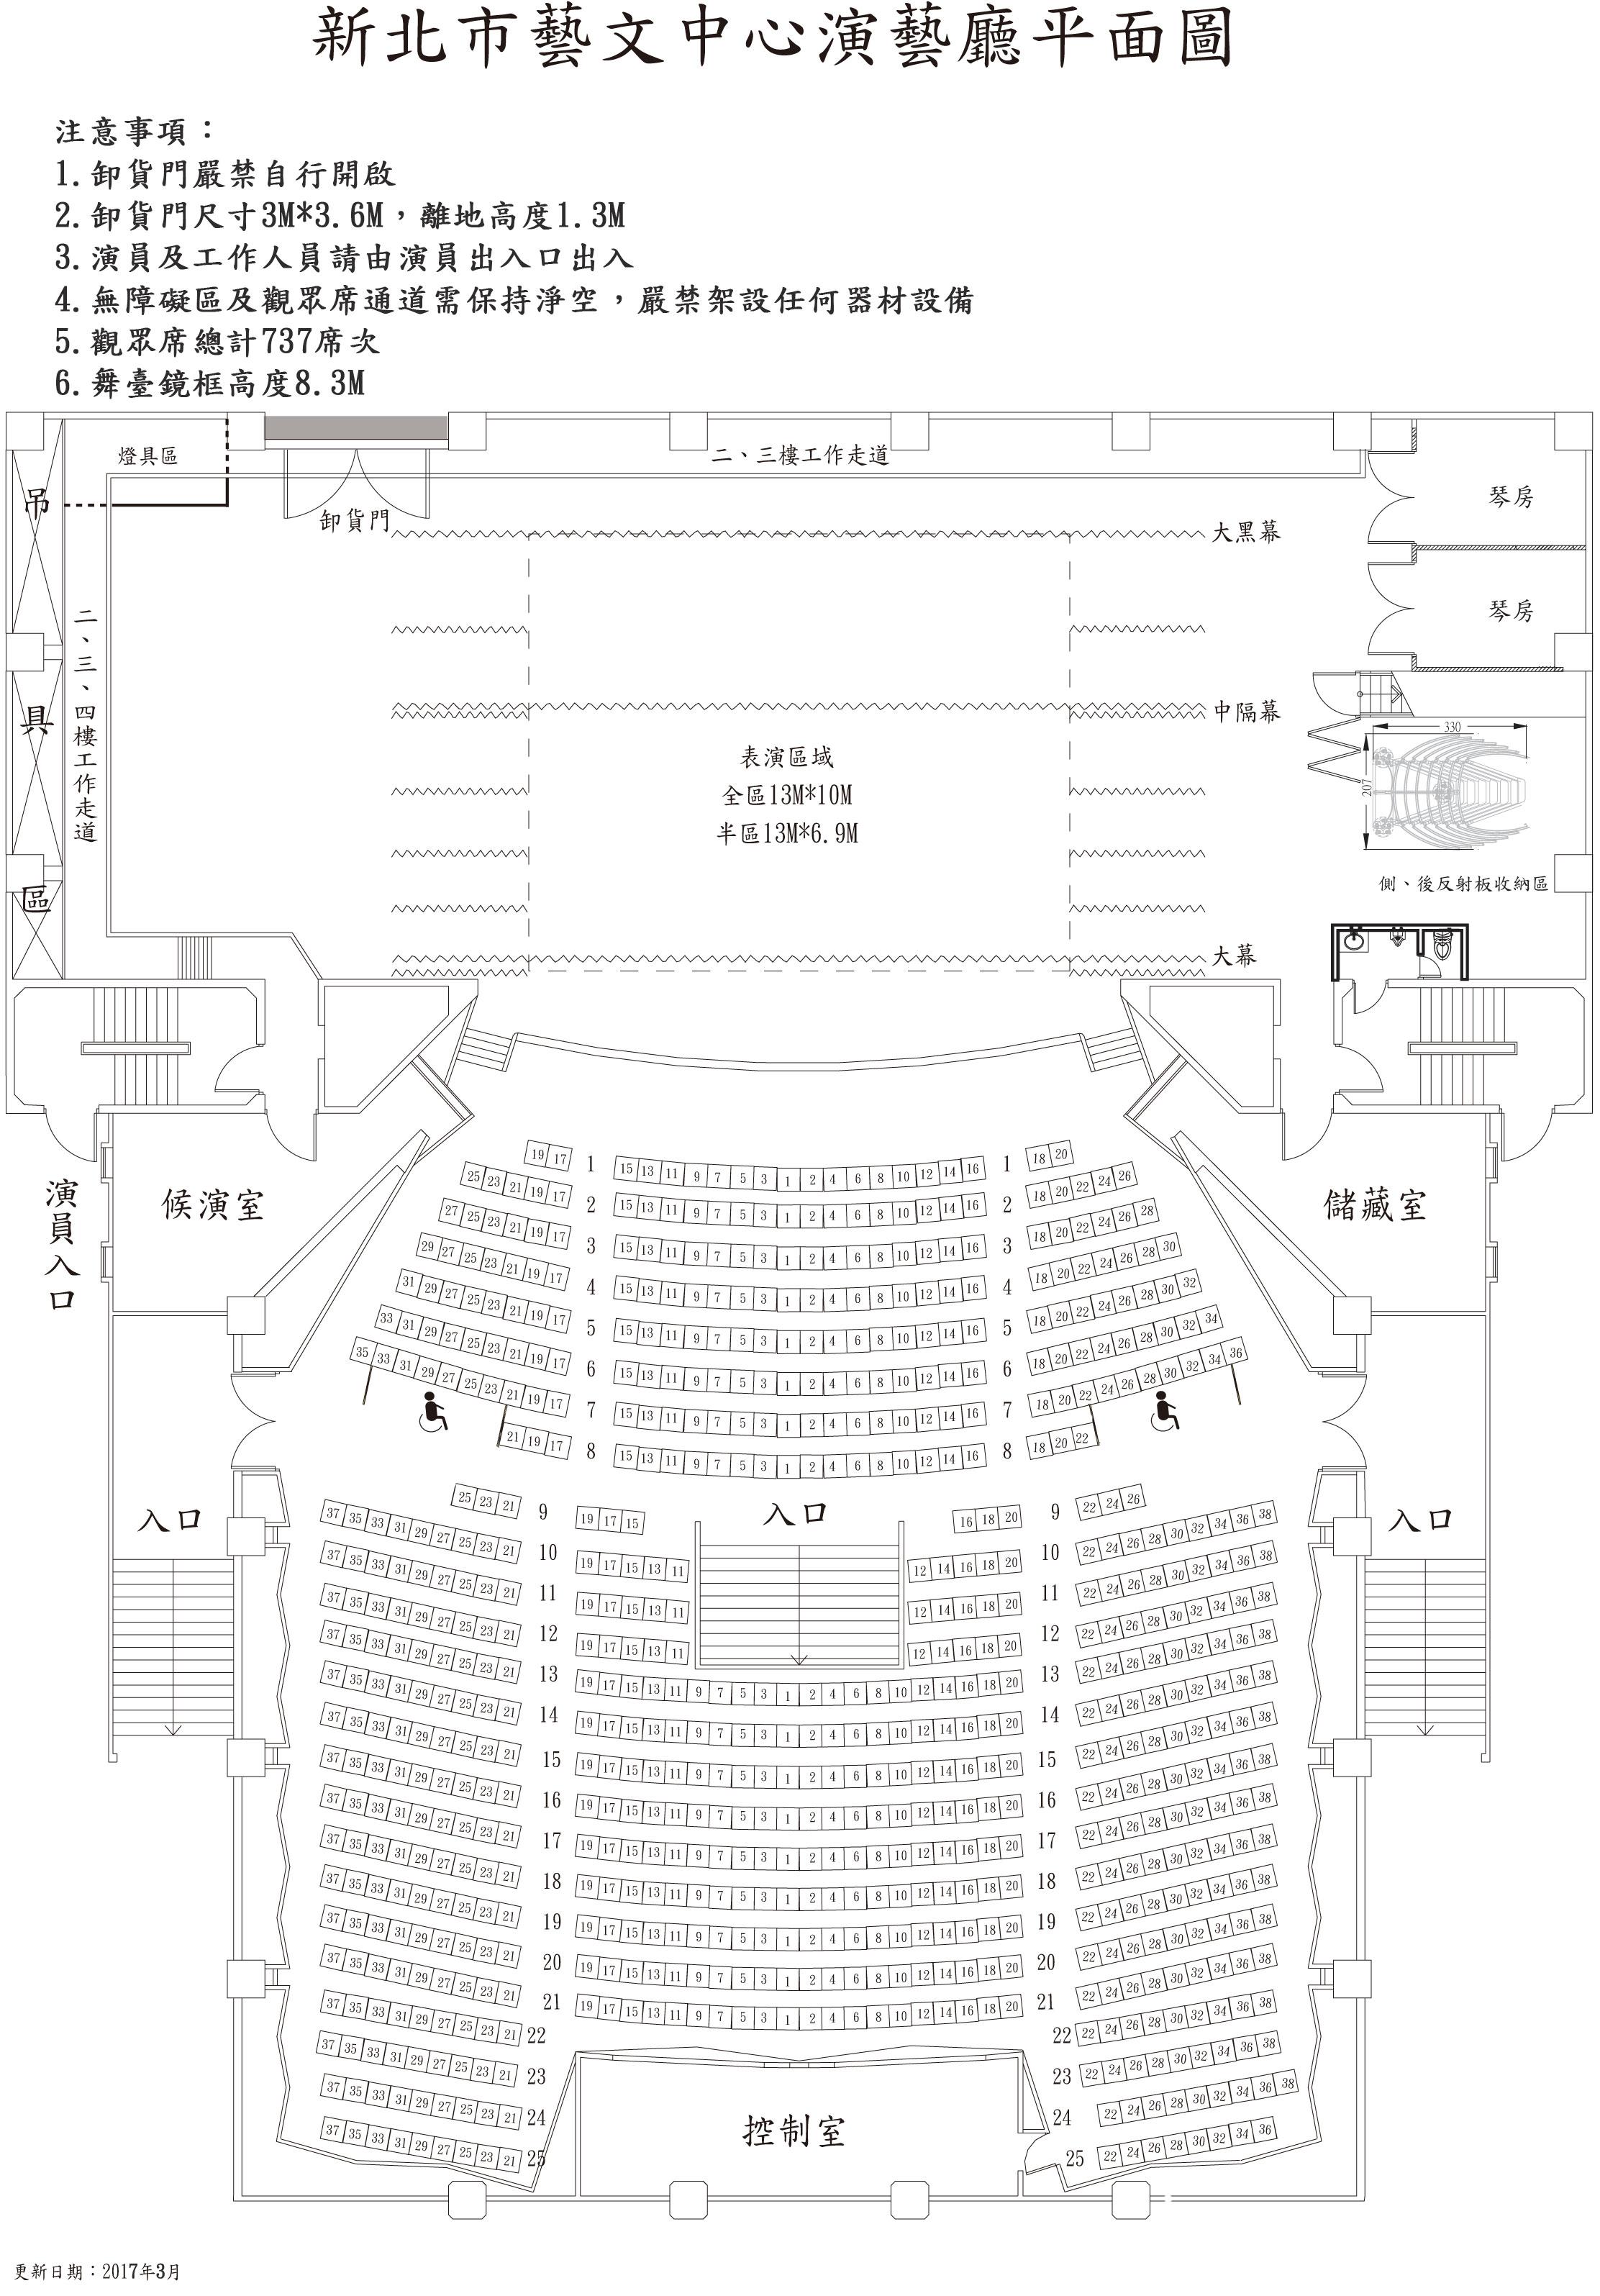 新北市藝文中心演藝廳平面圖